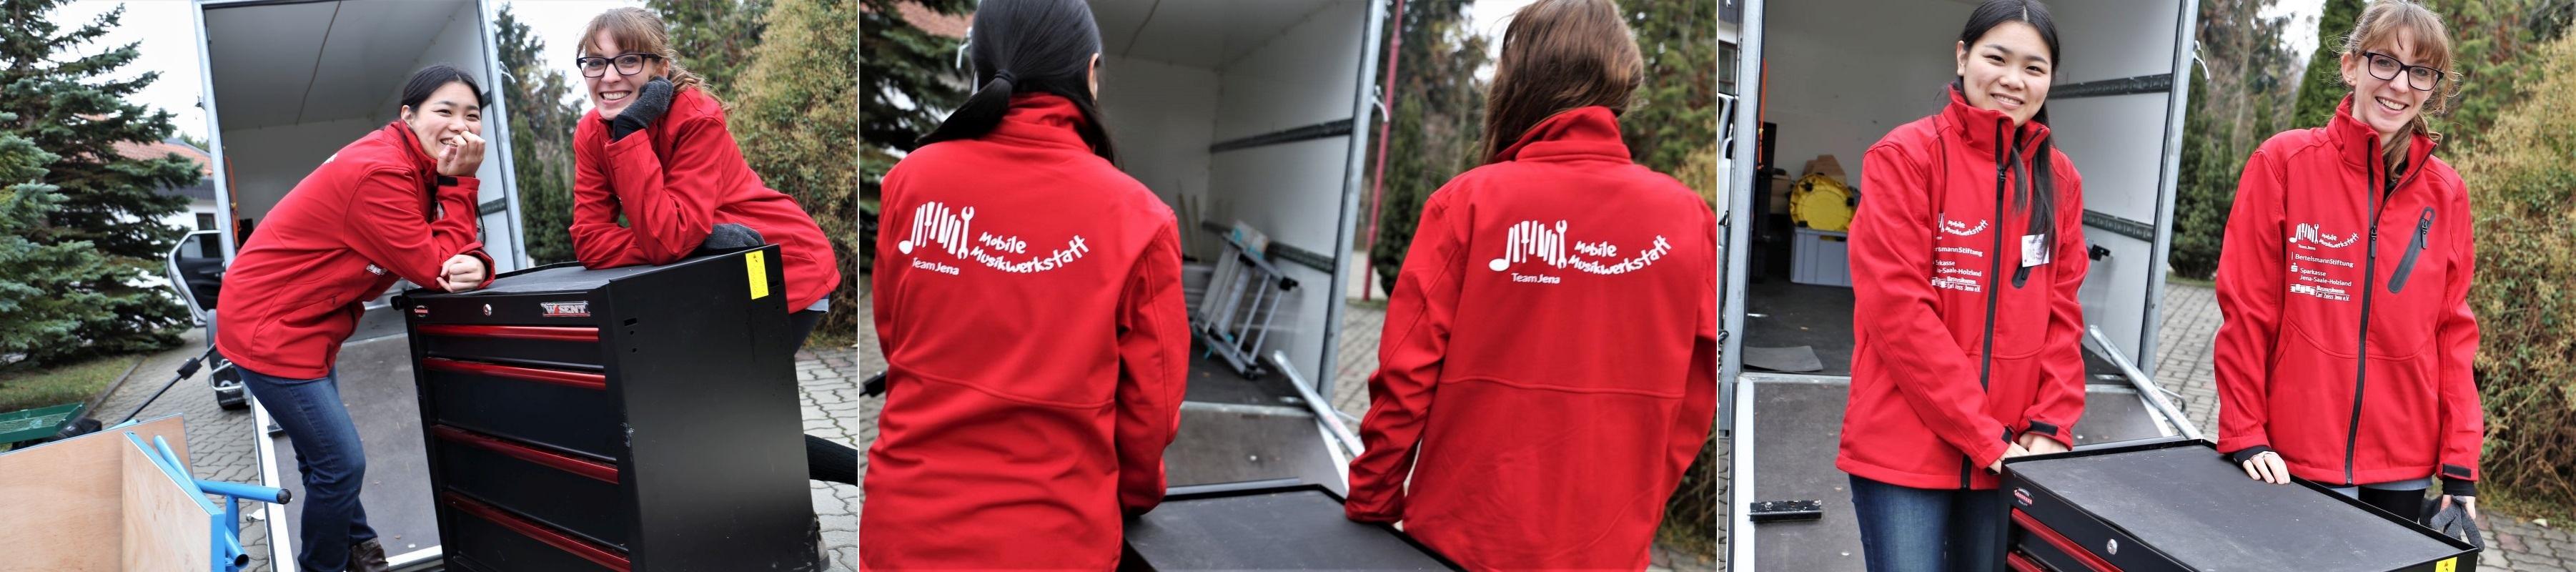 Mobile Musikwerkstatt in Jena - Orchesterschule KLANGwelt (7)